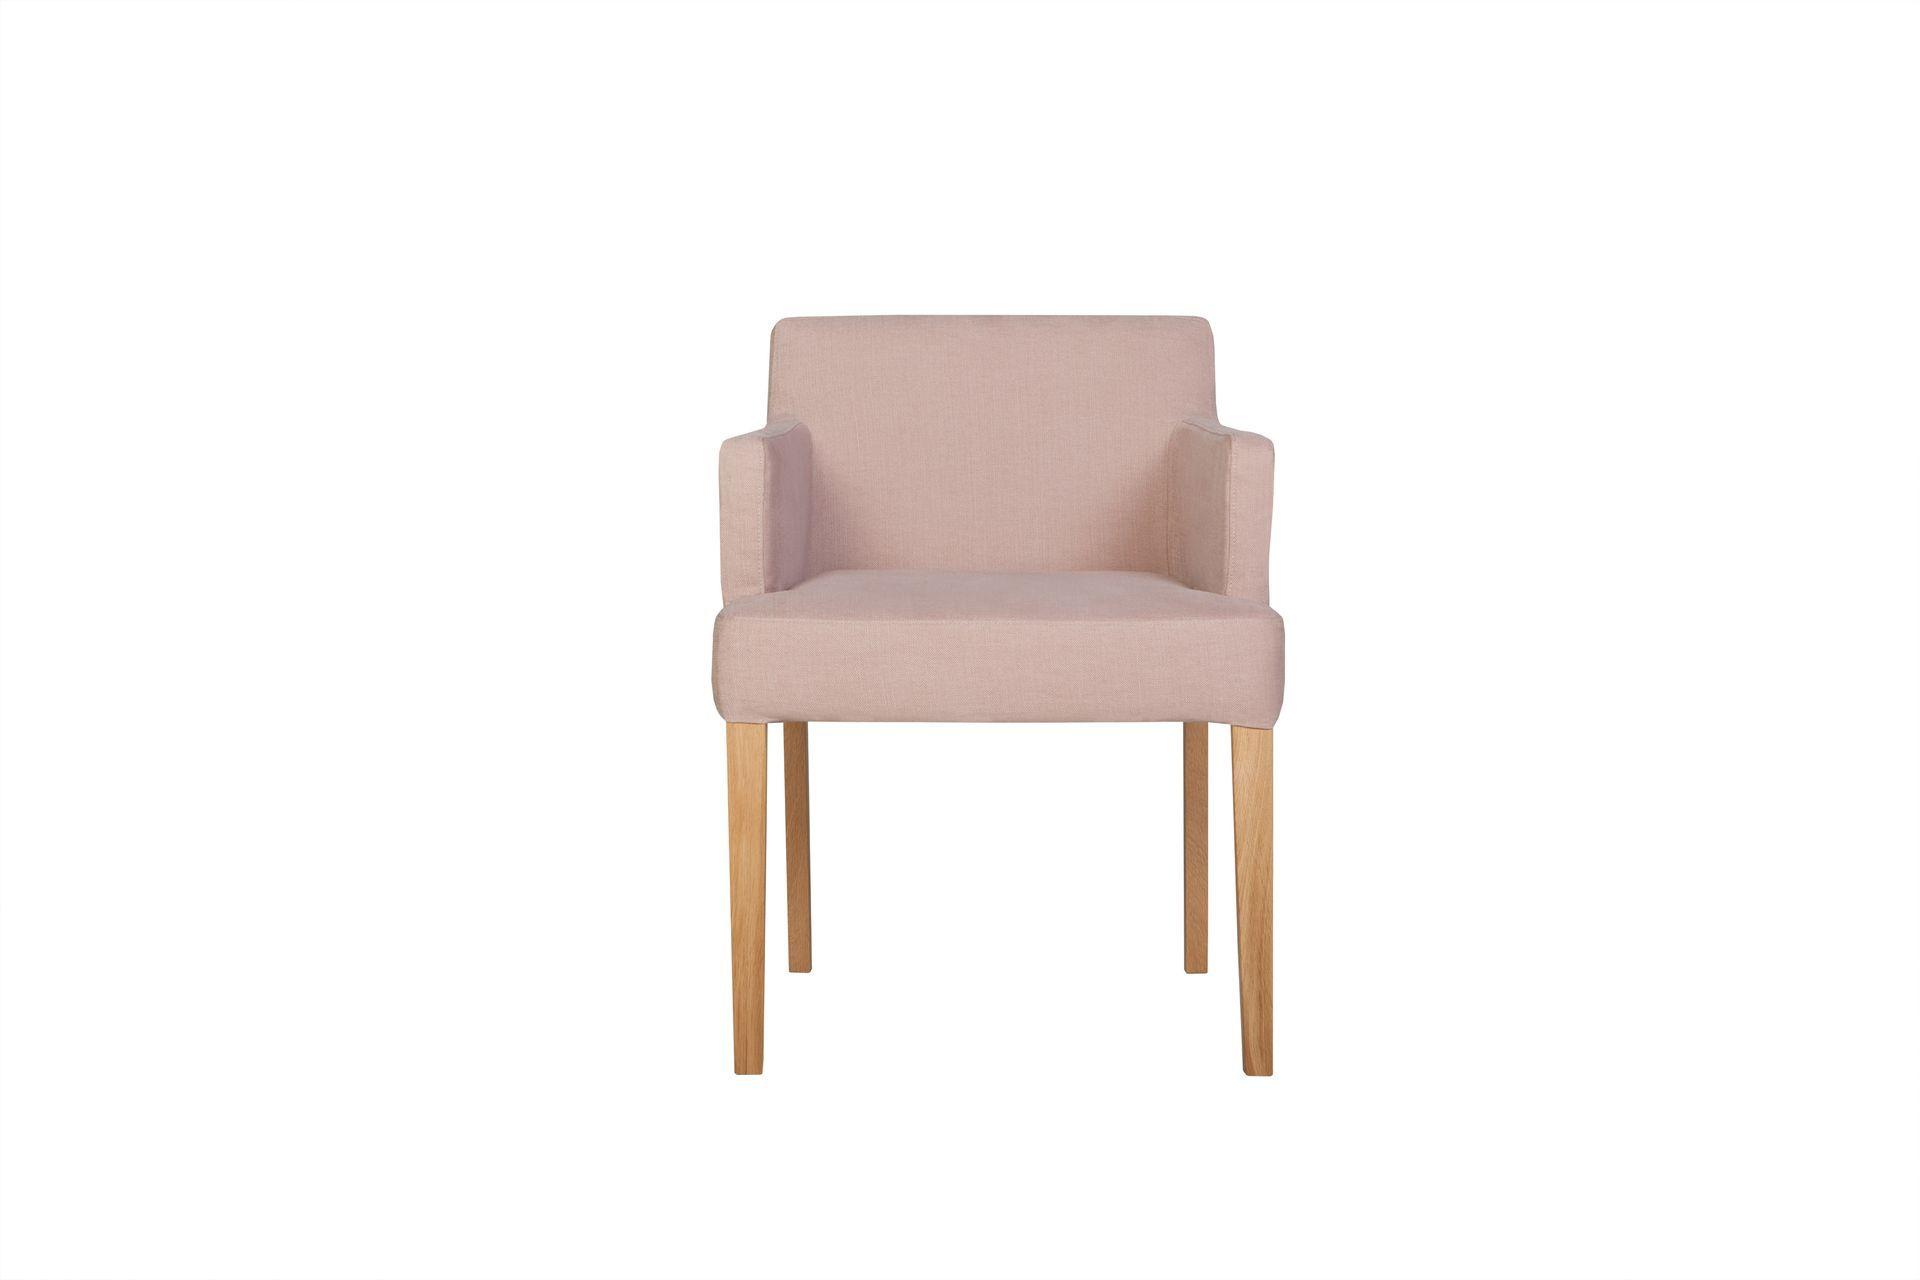 Кресло linn (sits) розовый 57x74x57 см.